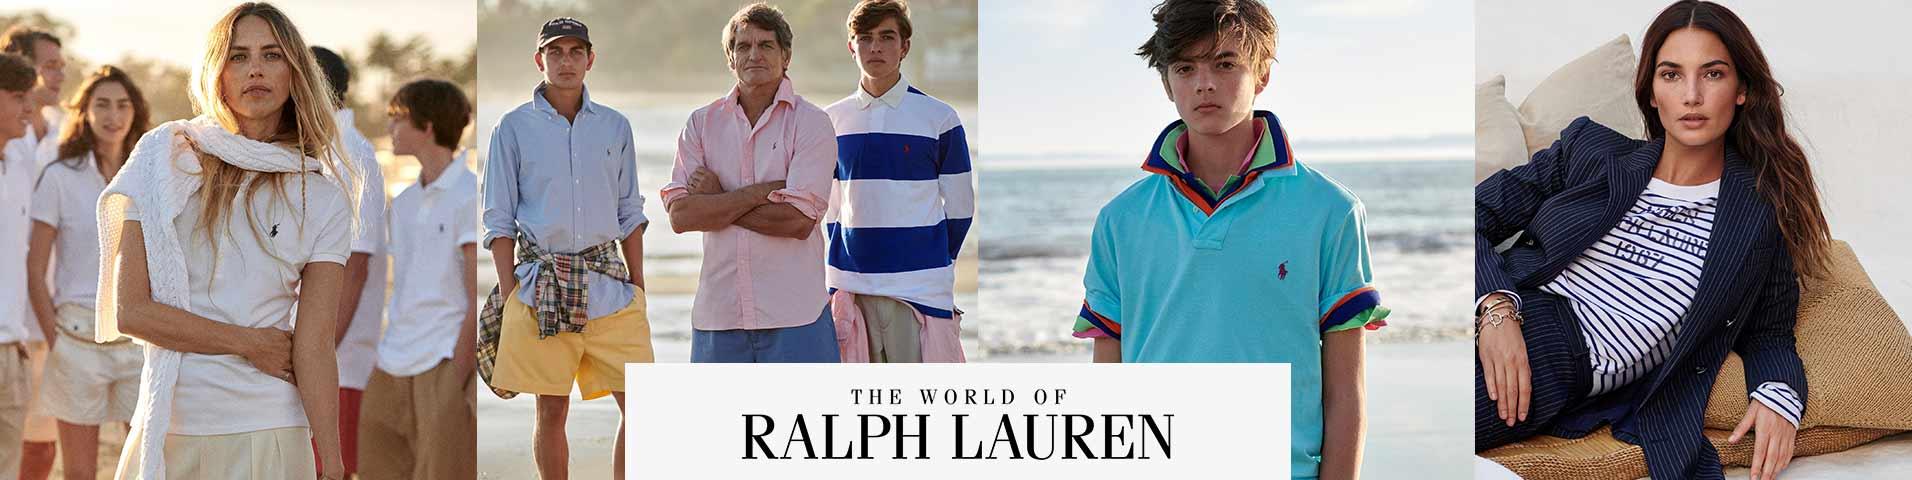 9c4d537619d Catalogo Ralph Lauren